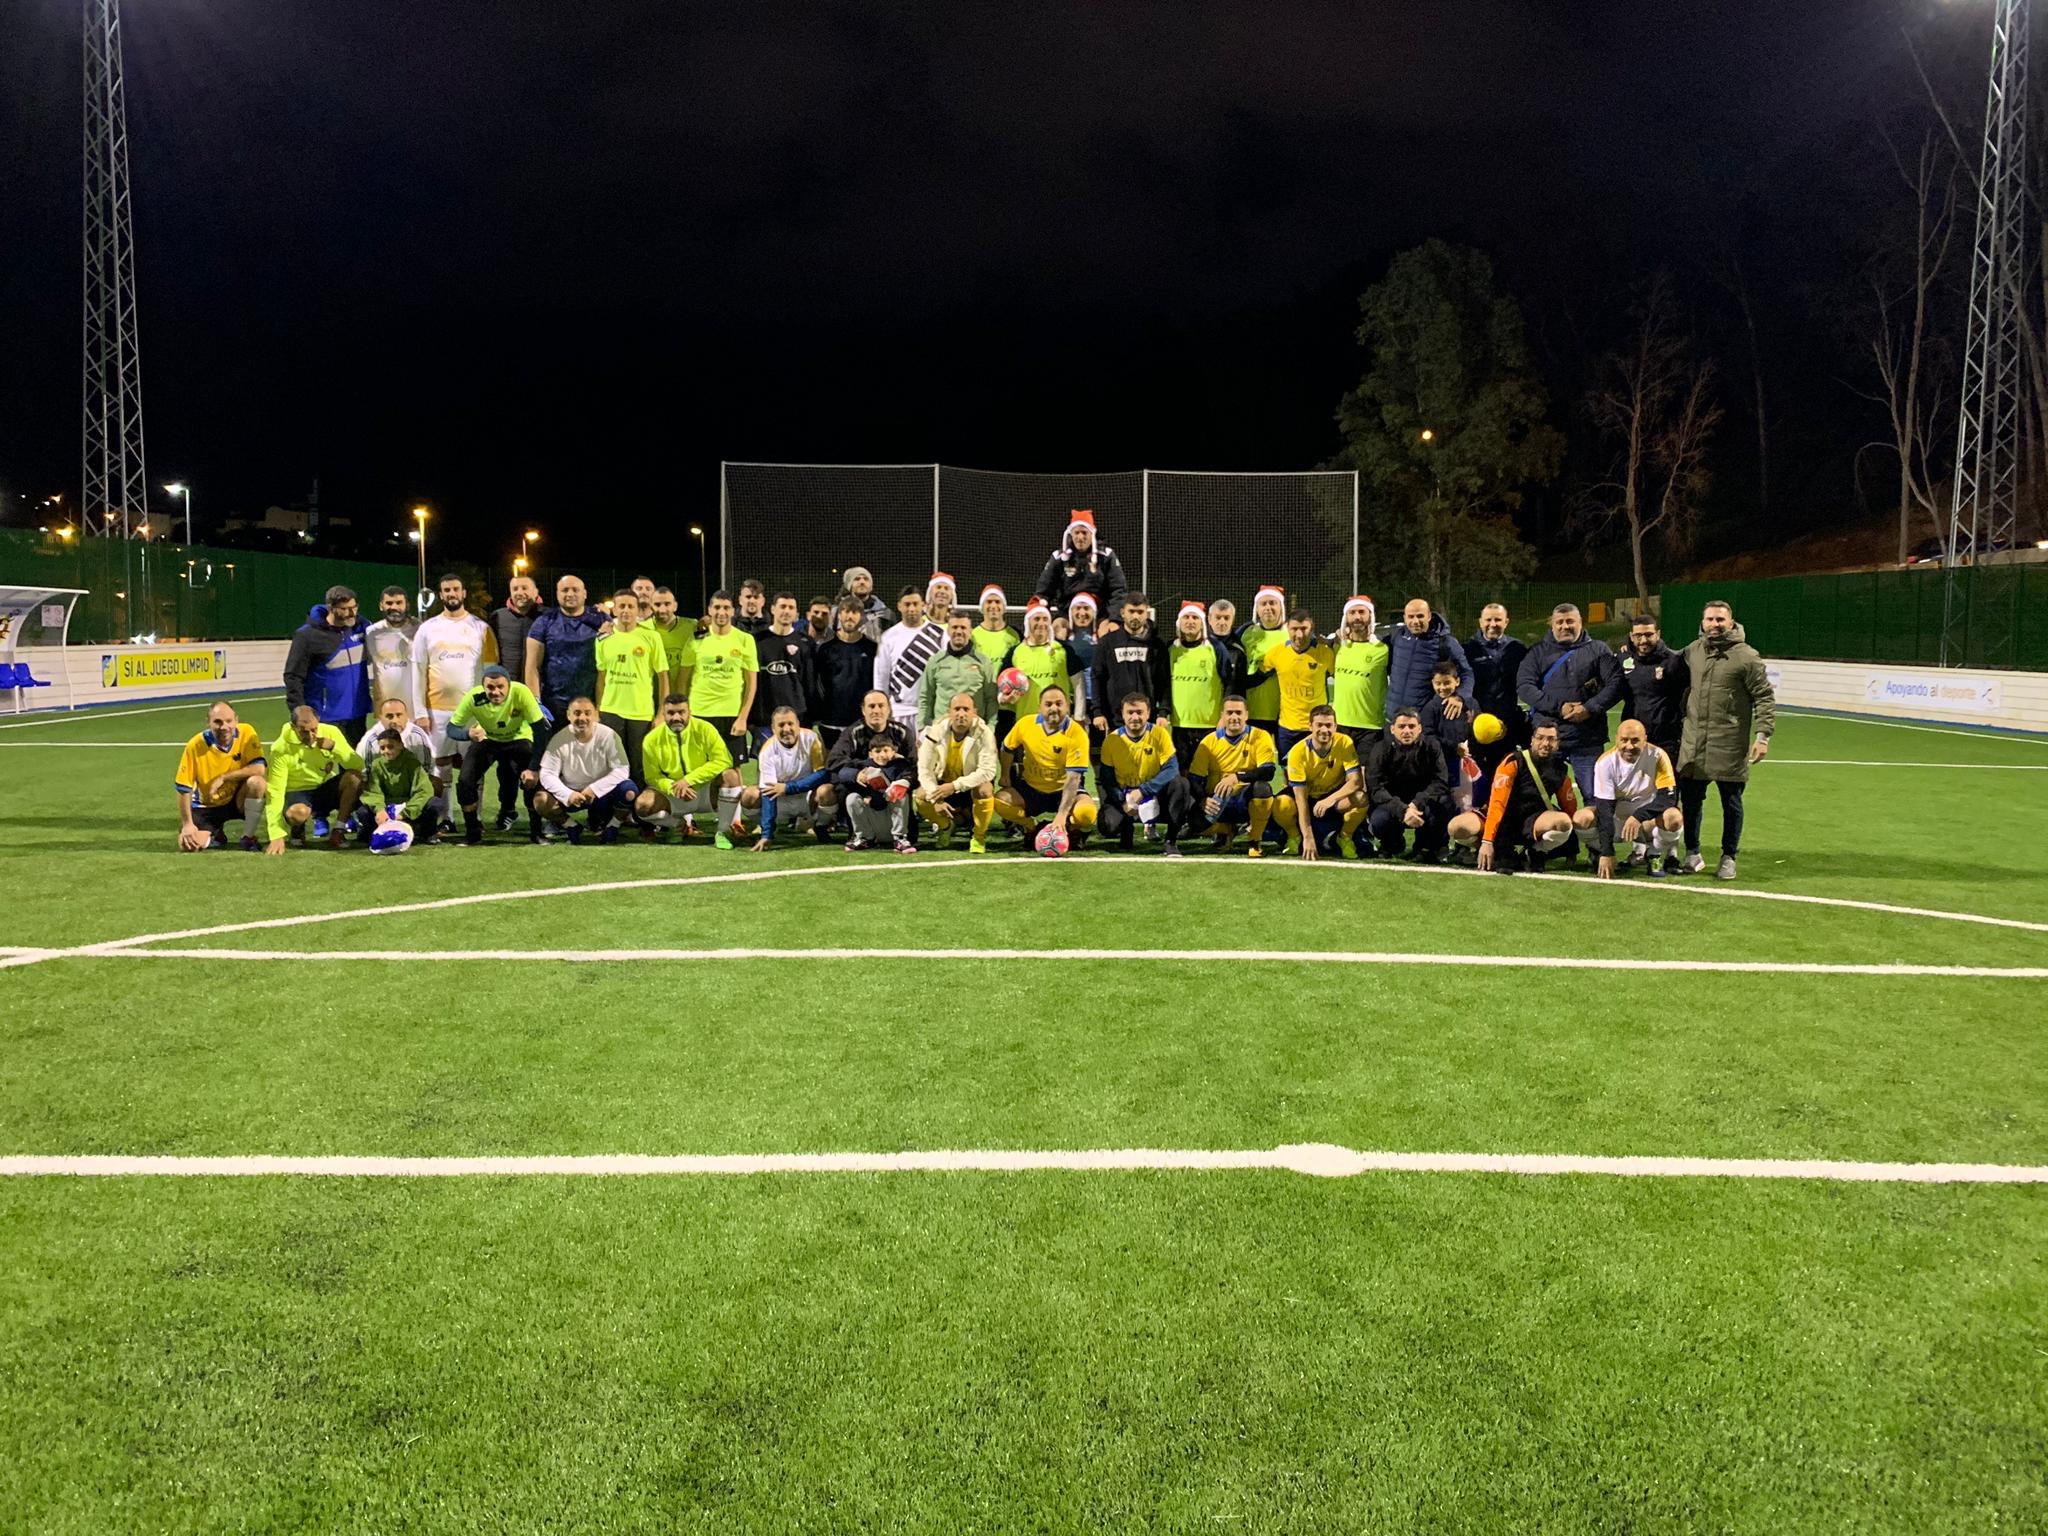 torneo solidario en ceuta